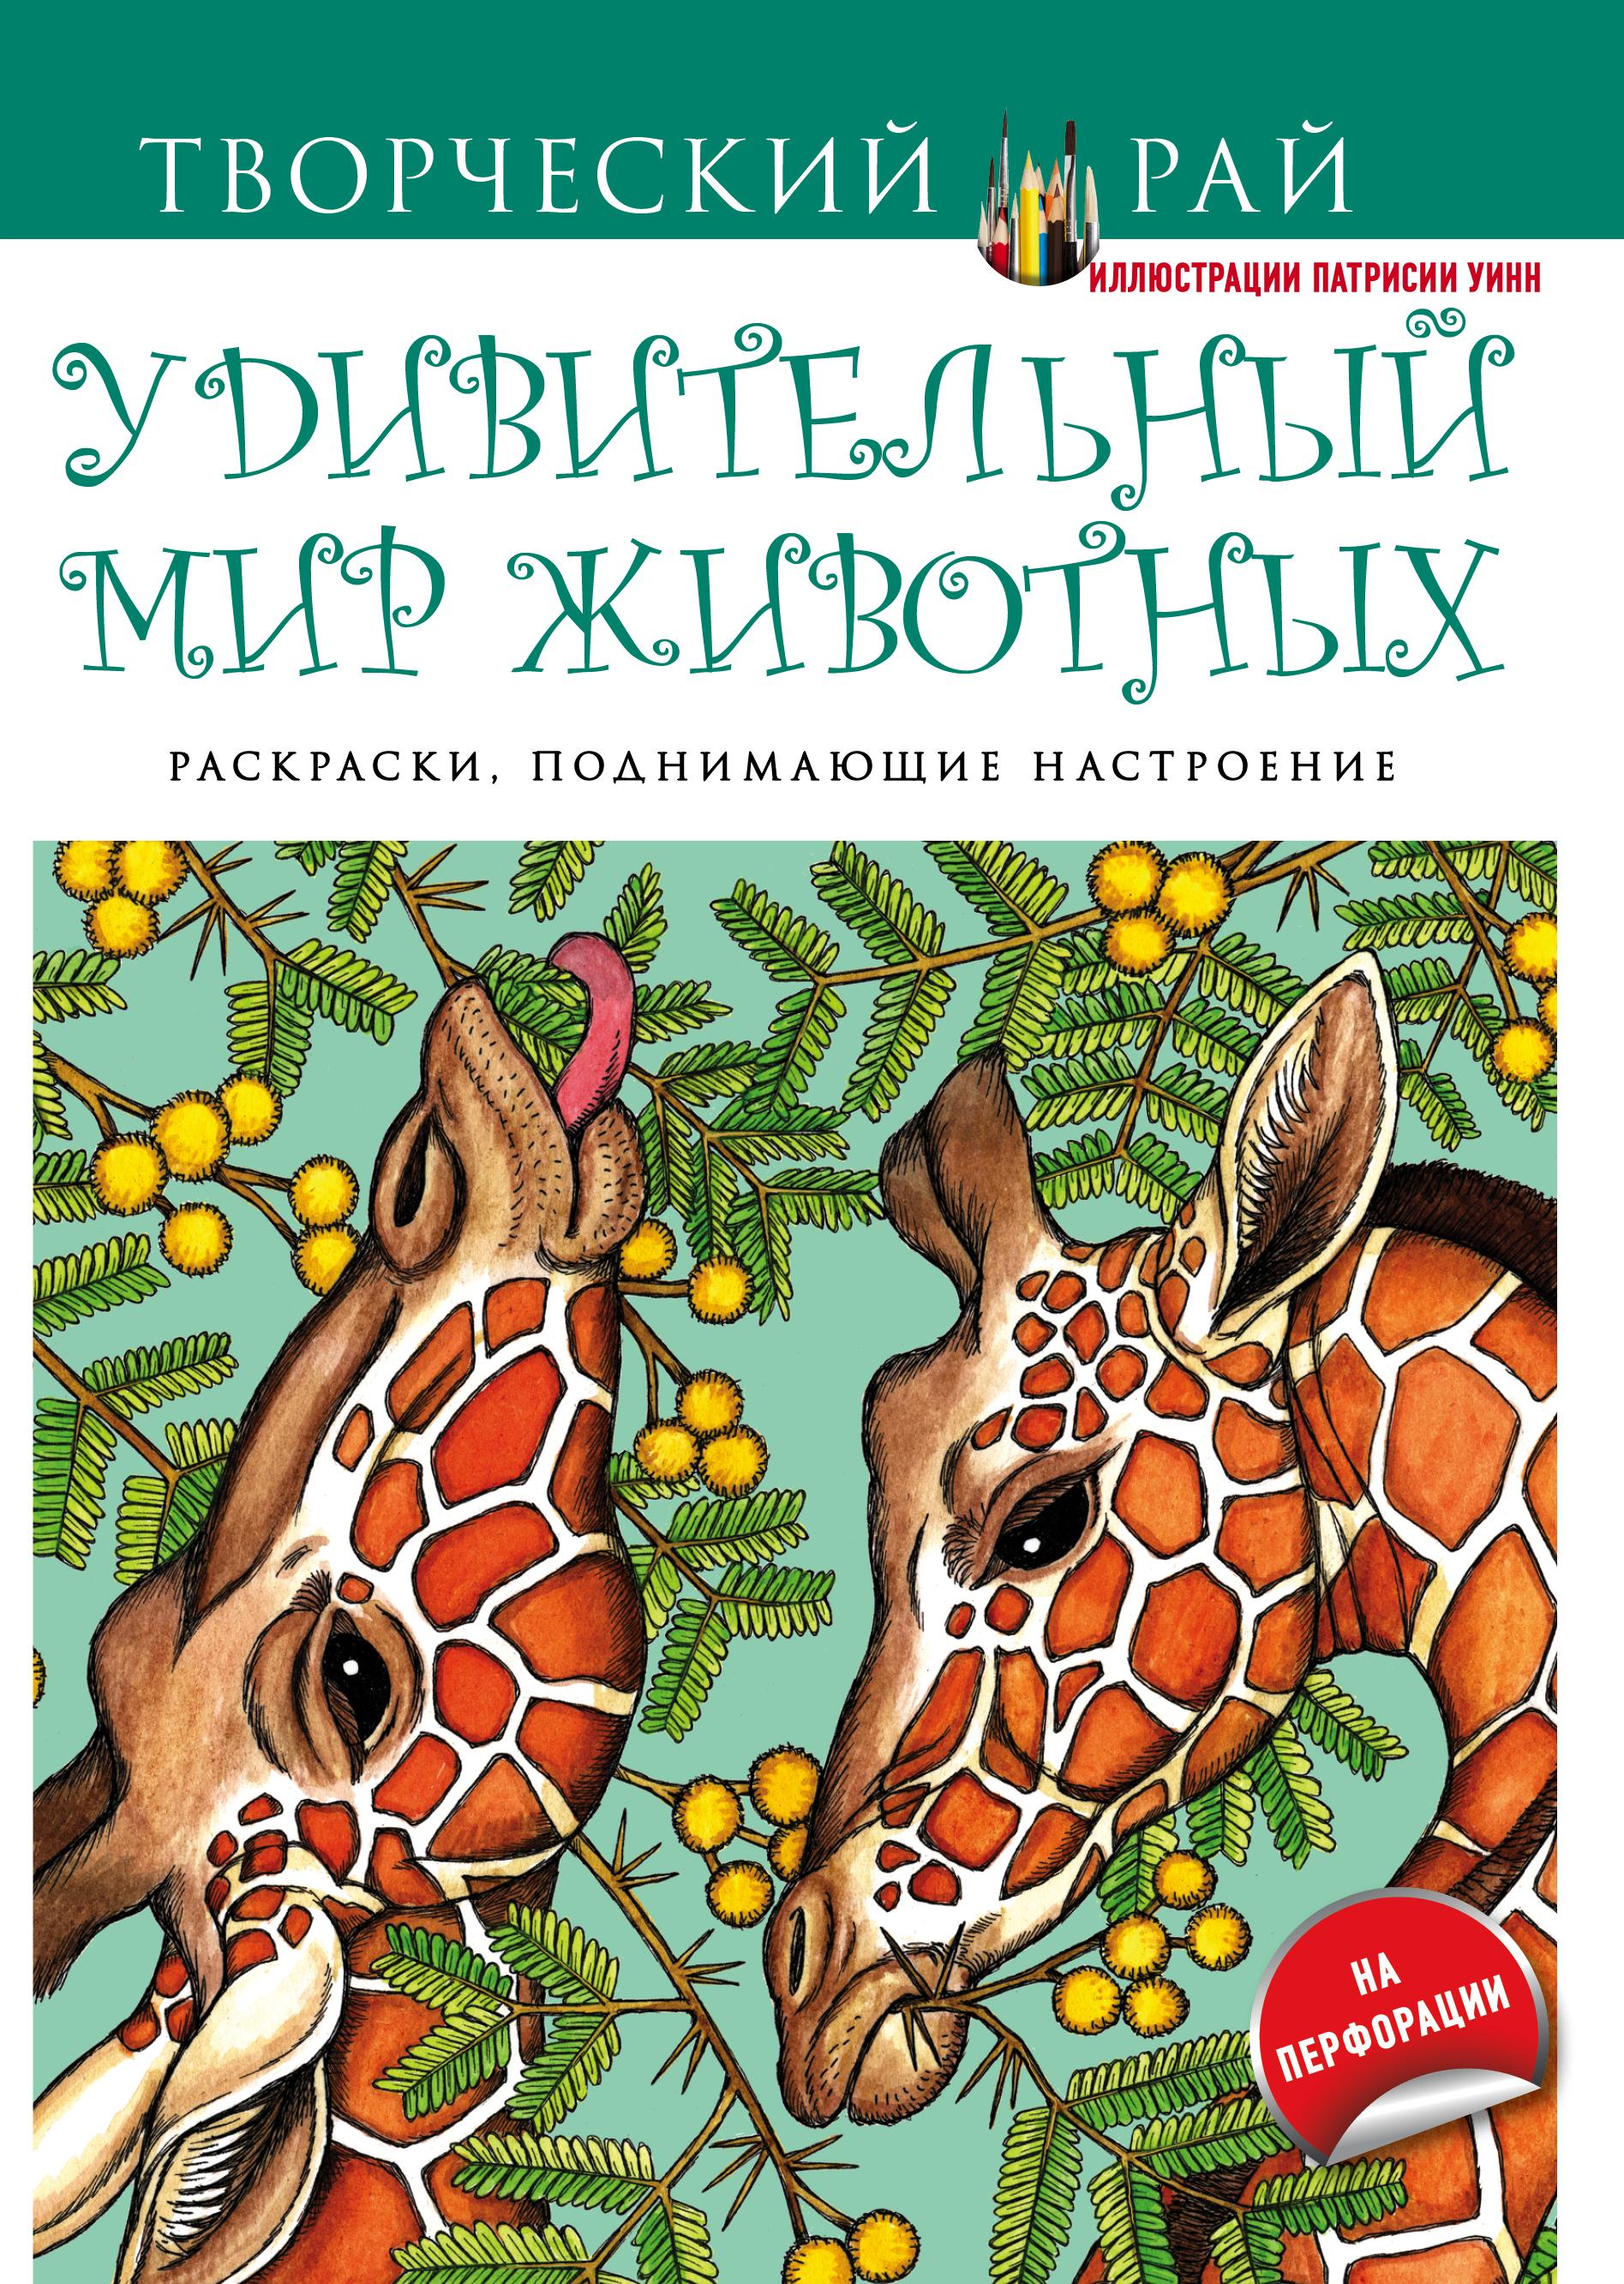 Удивительный мир животных. Раскраски, поднимающие настроение (с перфорацией) гаспас дианна удивительный китай раскраски поднимающие настроение